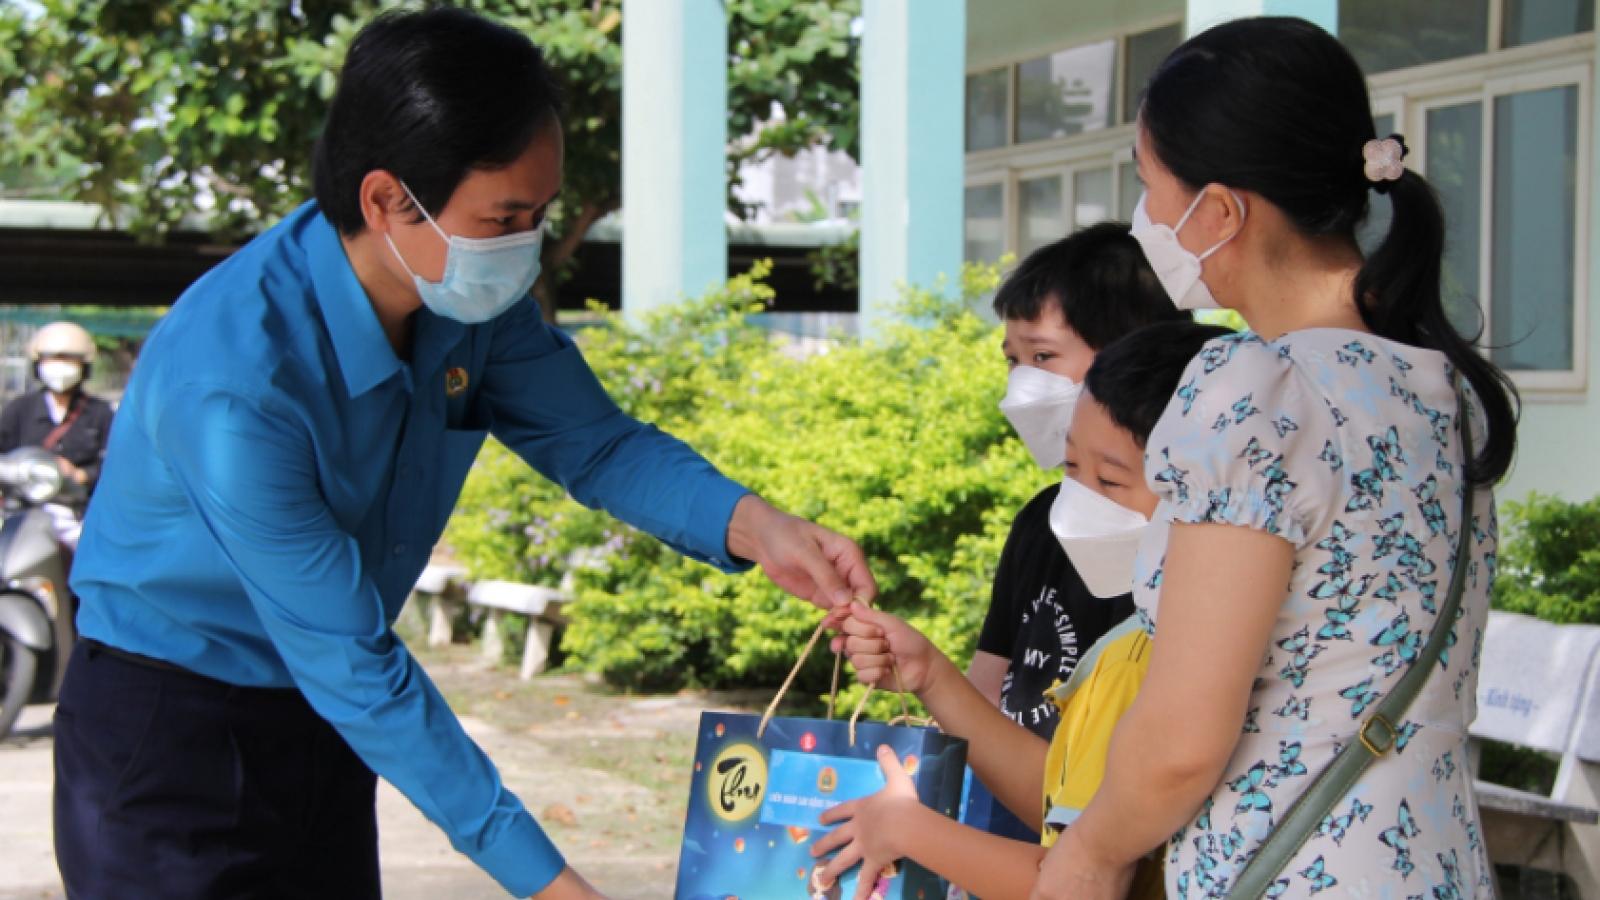 Quà Tết Trung thu cho trẻ em hoàn cảnh khó khăn, mắc bệnh Covid-19